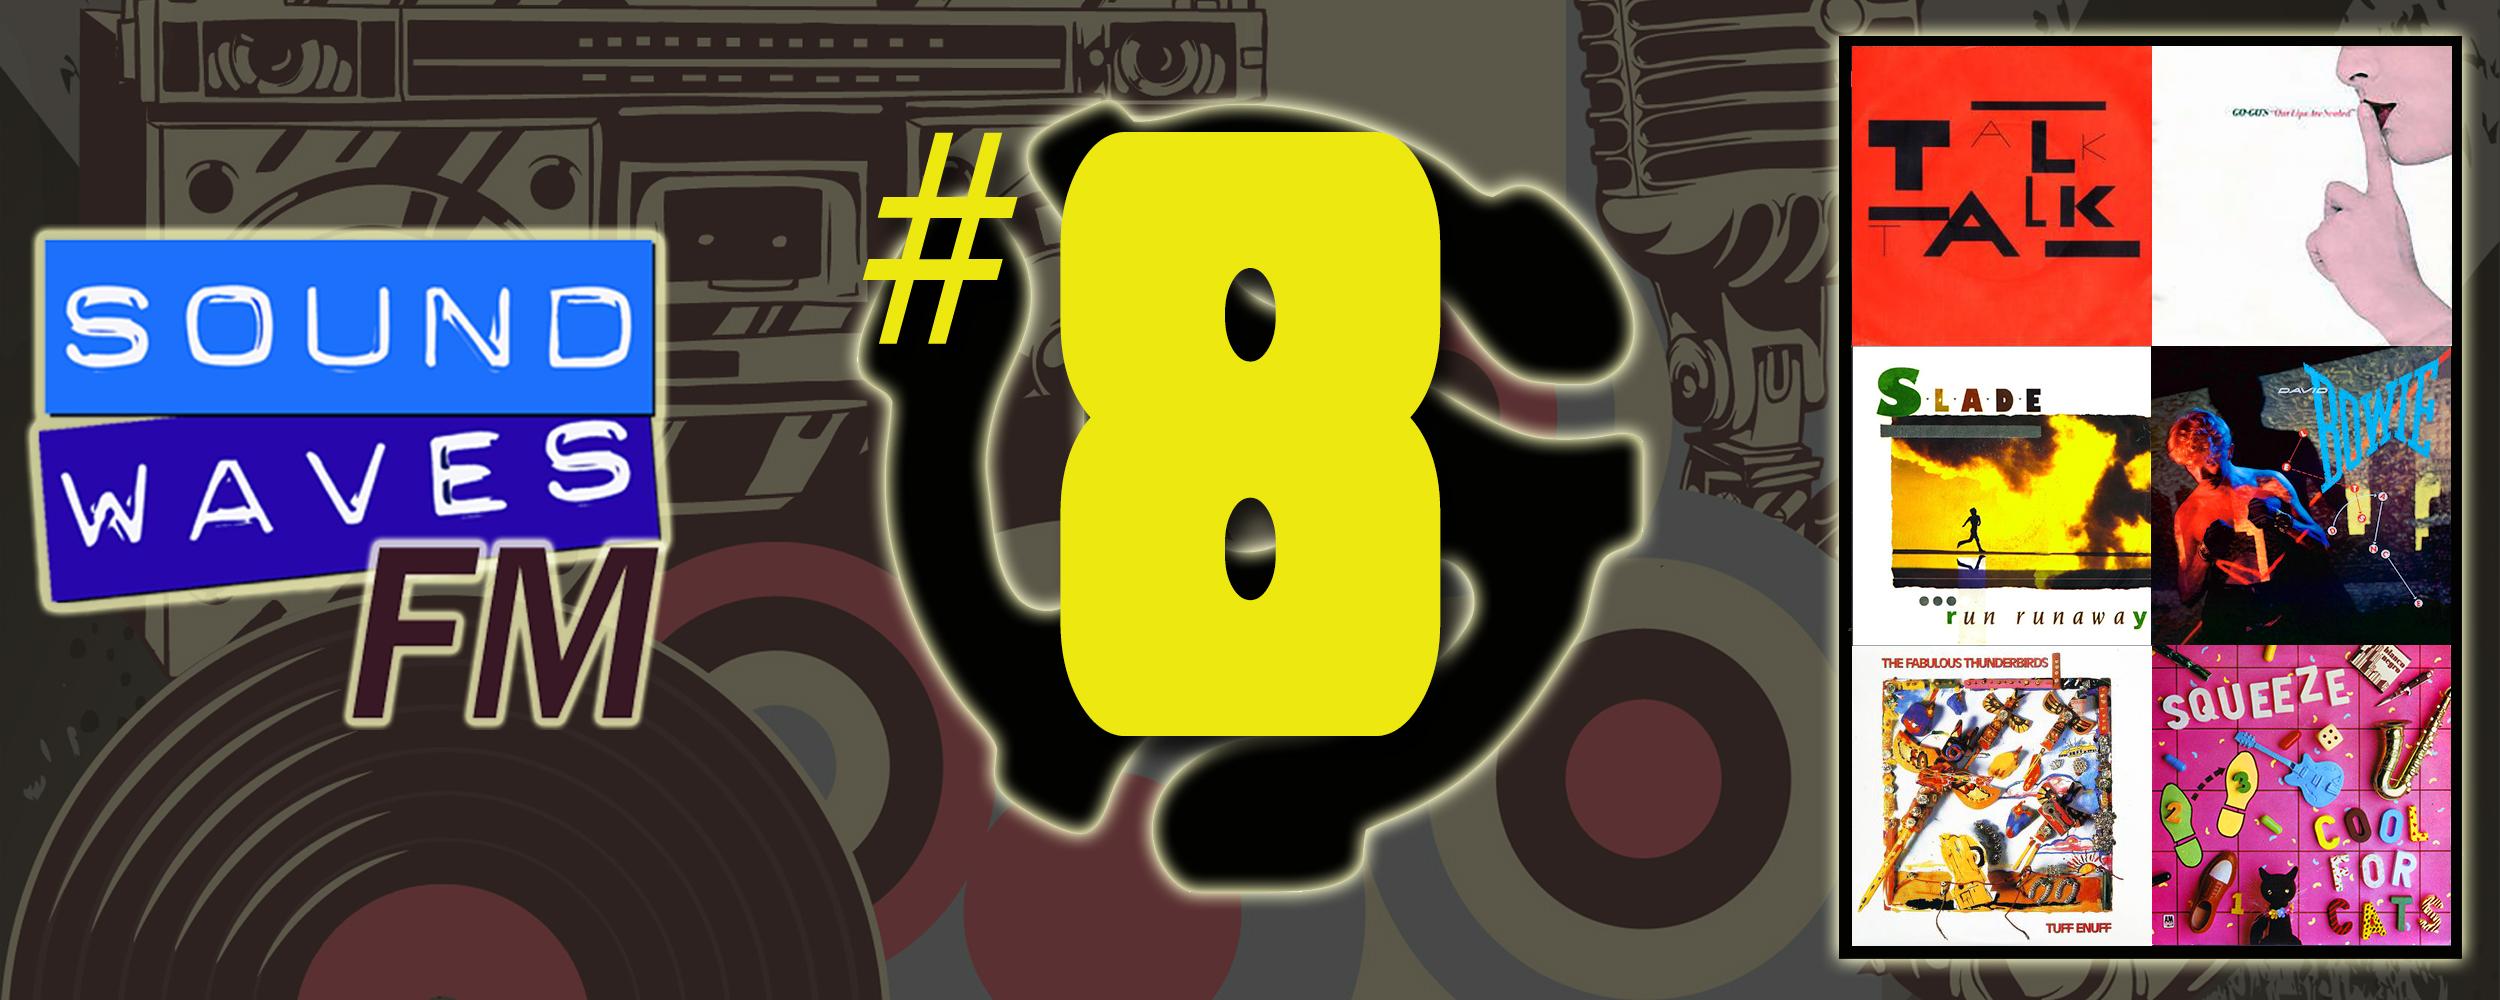 Soundwaves FM: Episode 8